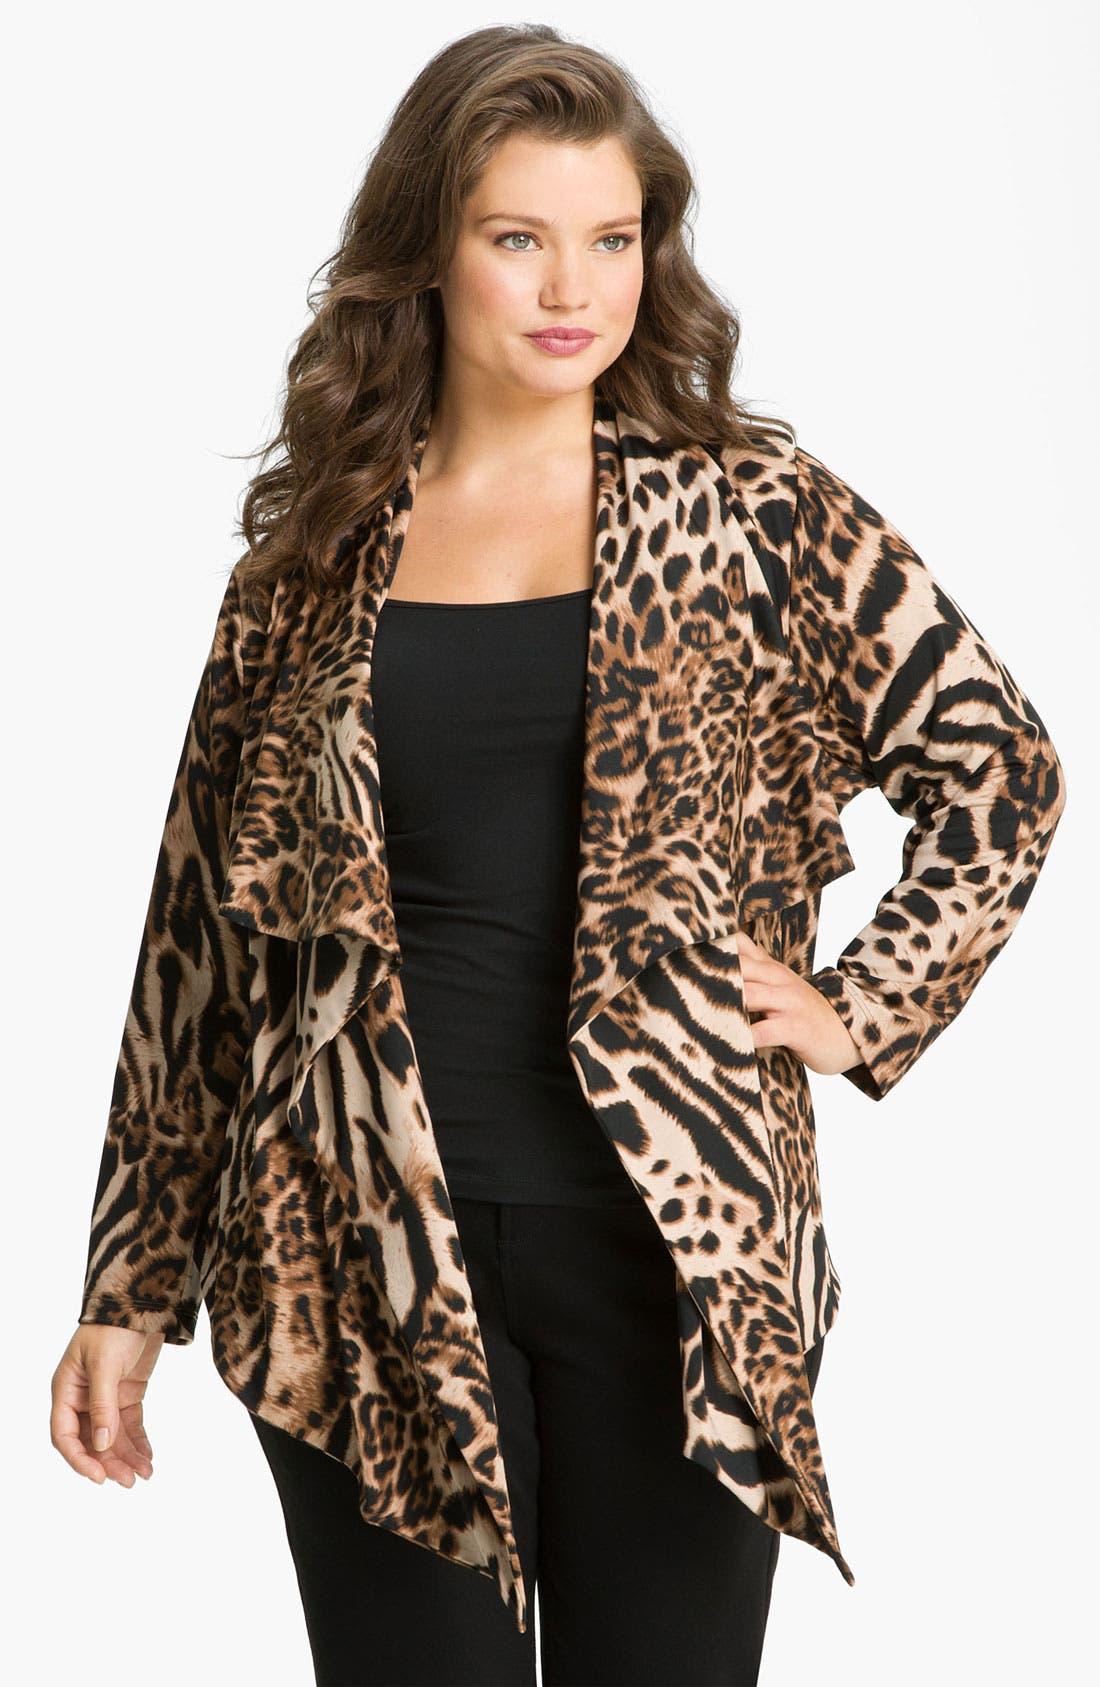 Alternate Image 1 Selected - Karen Kane 'Cheetah' Drape Jacket (Plus)